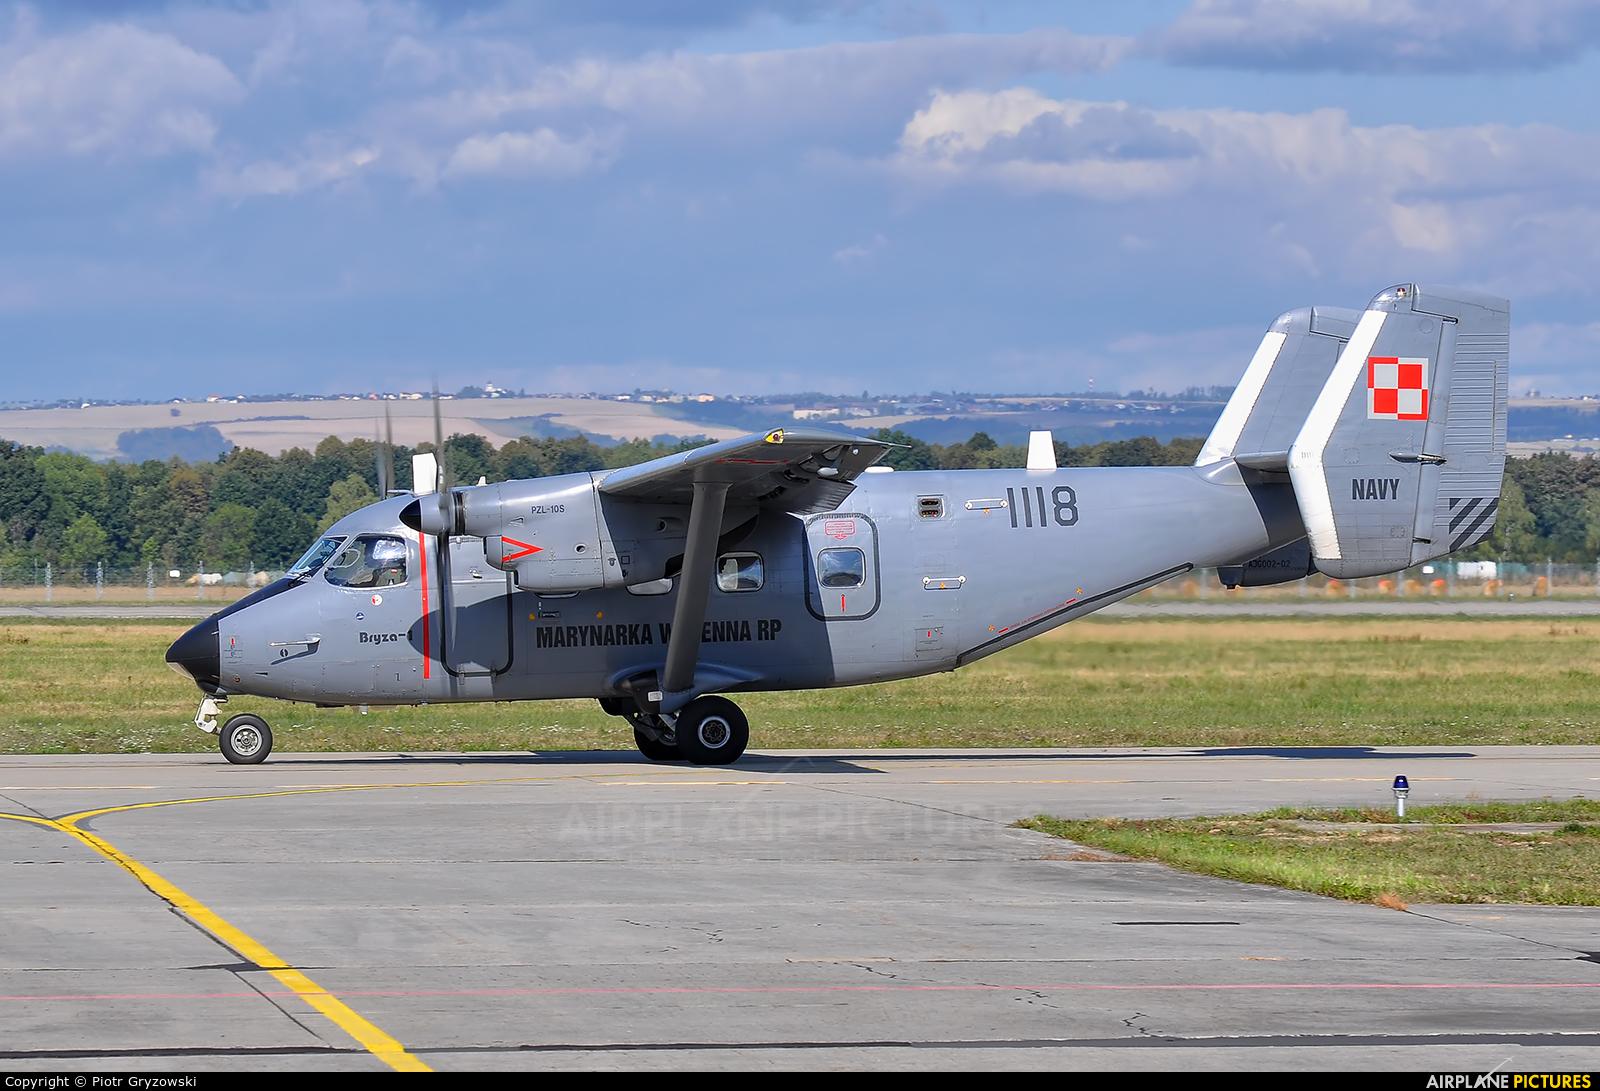 Poland - Navy 1118 aircraft at Ostrava Mošnov